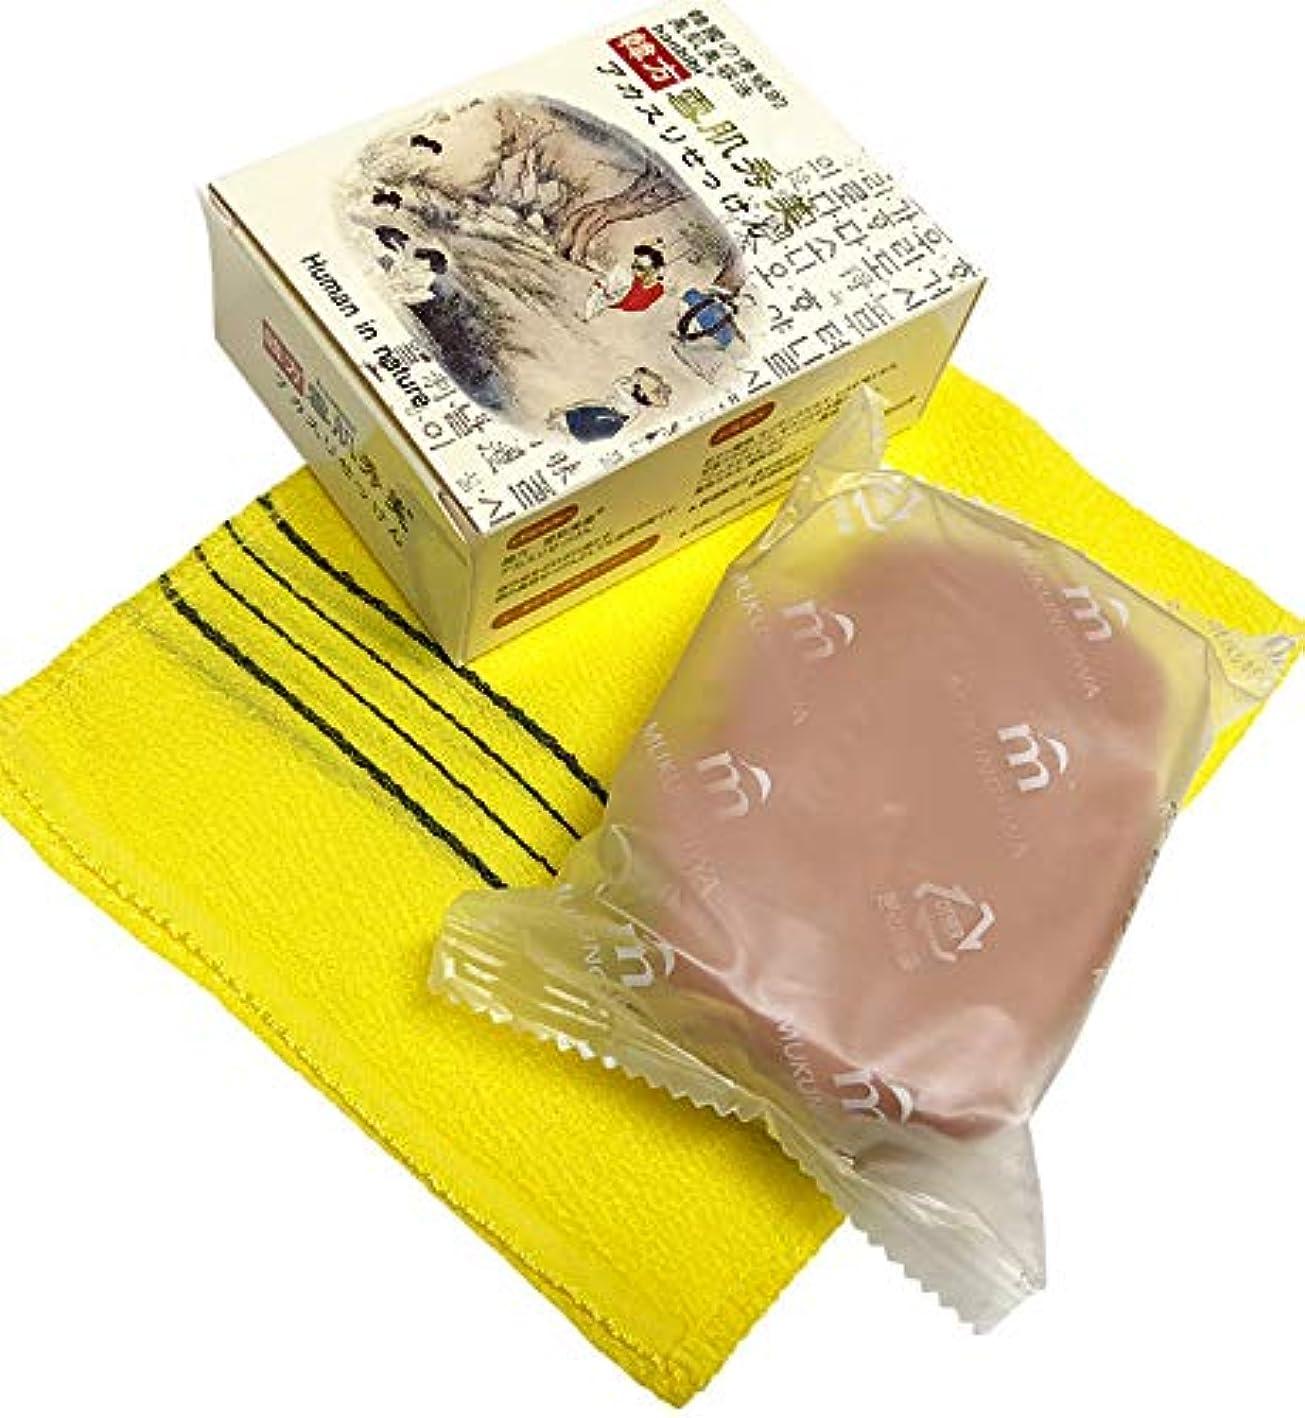 十代スクリュー悲しいことに人気の顔、体兼用、蜂蜜香りの韓方石ケン、韓国コスメ 韓方[雪肌美]蜂蜜アカスリせっけん アカスリ専用タオル付き